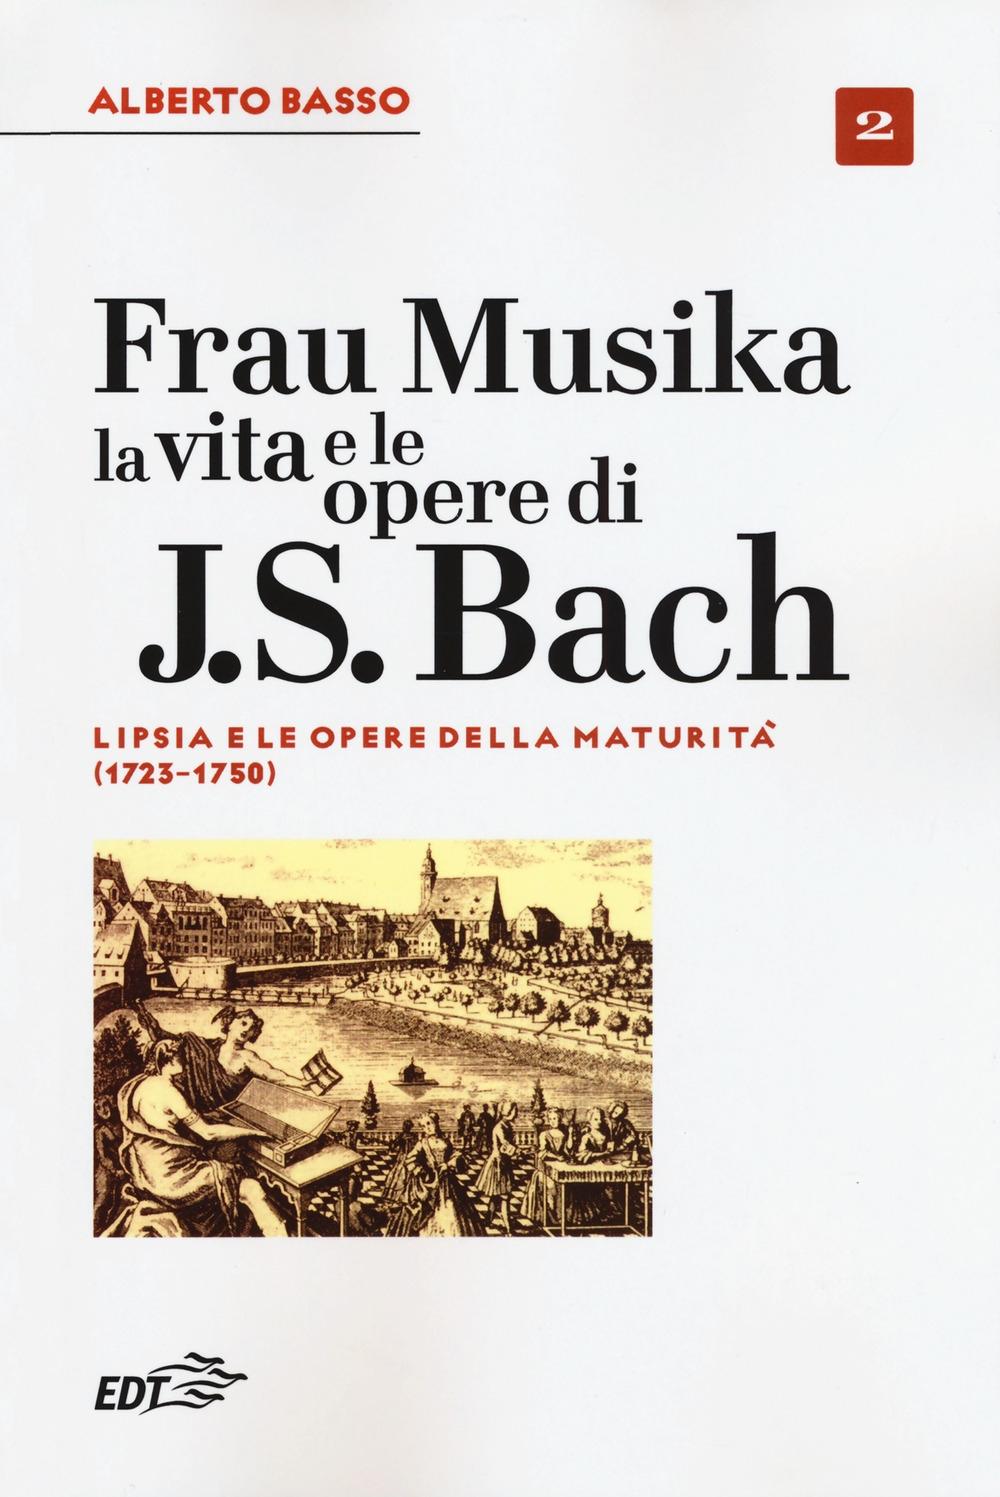 Frau Musika. La vita e le opere di J. S. Bach. Vol. 2: Lipsia e le opere della maturità (1723-1750)